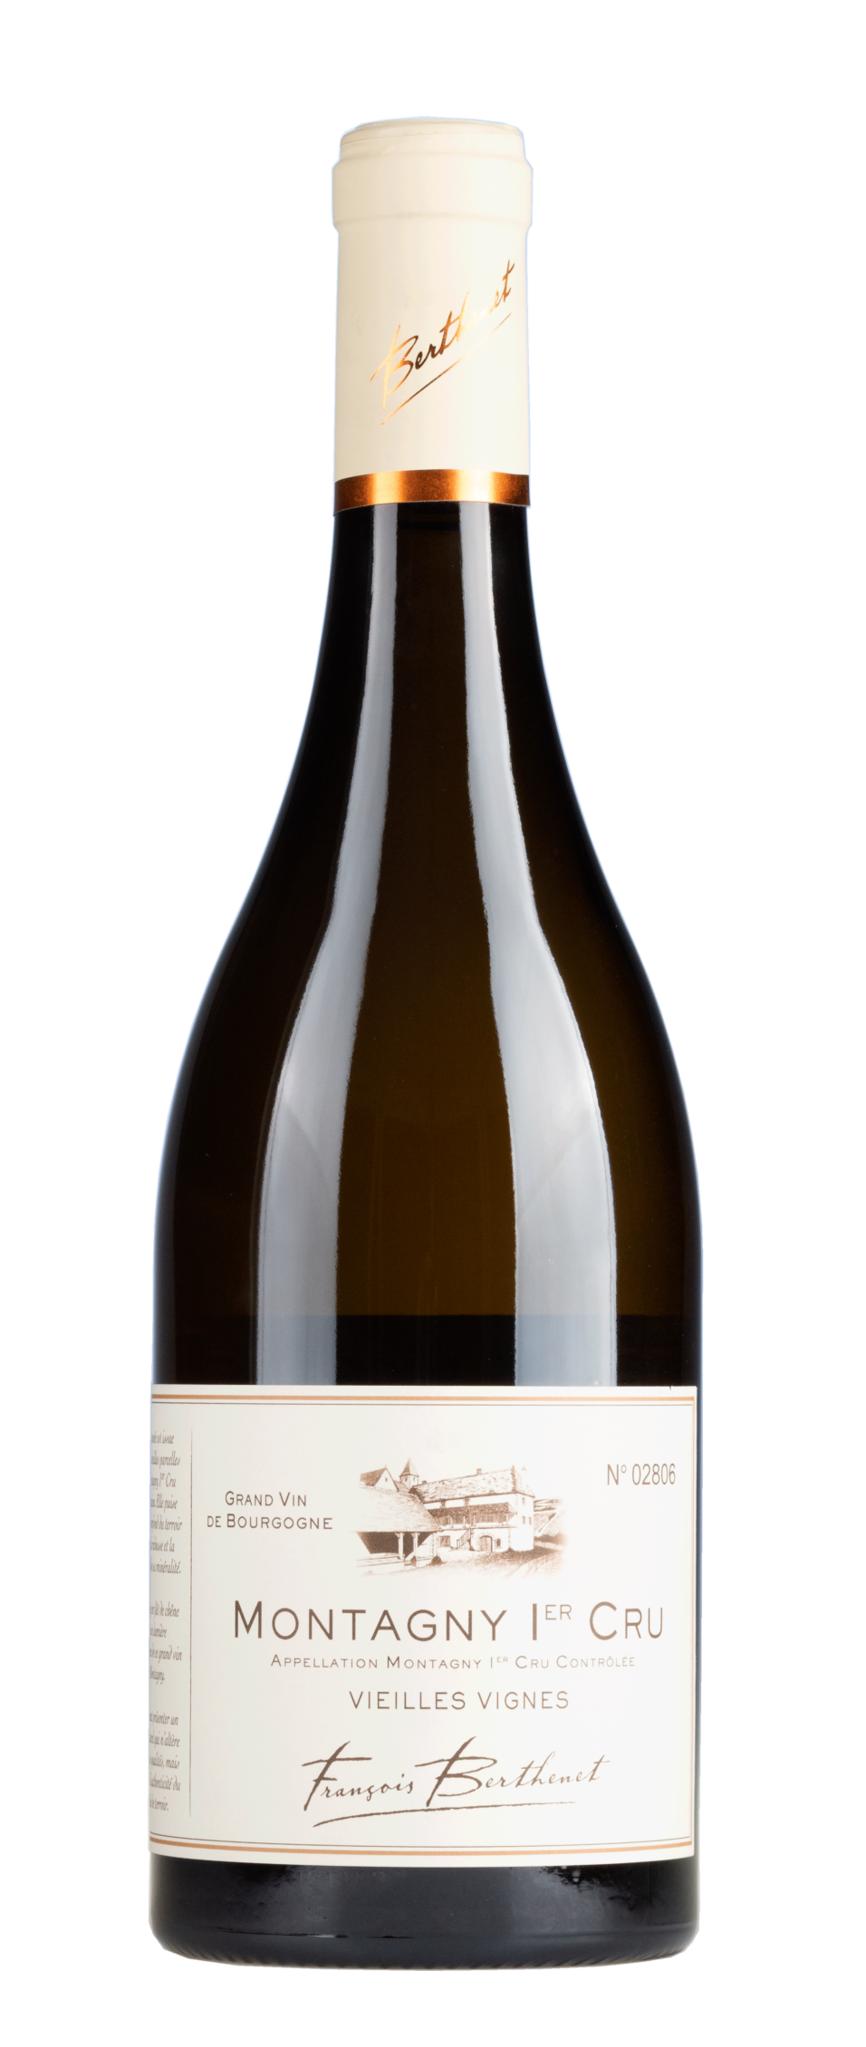 Berthenet, Domaine - Burgund 2019 Montagny blanc 1er Cru Vieilles Vignes, Domaine Berthenet